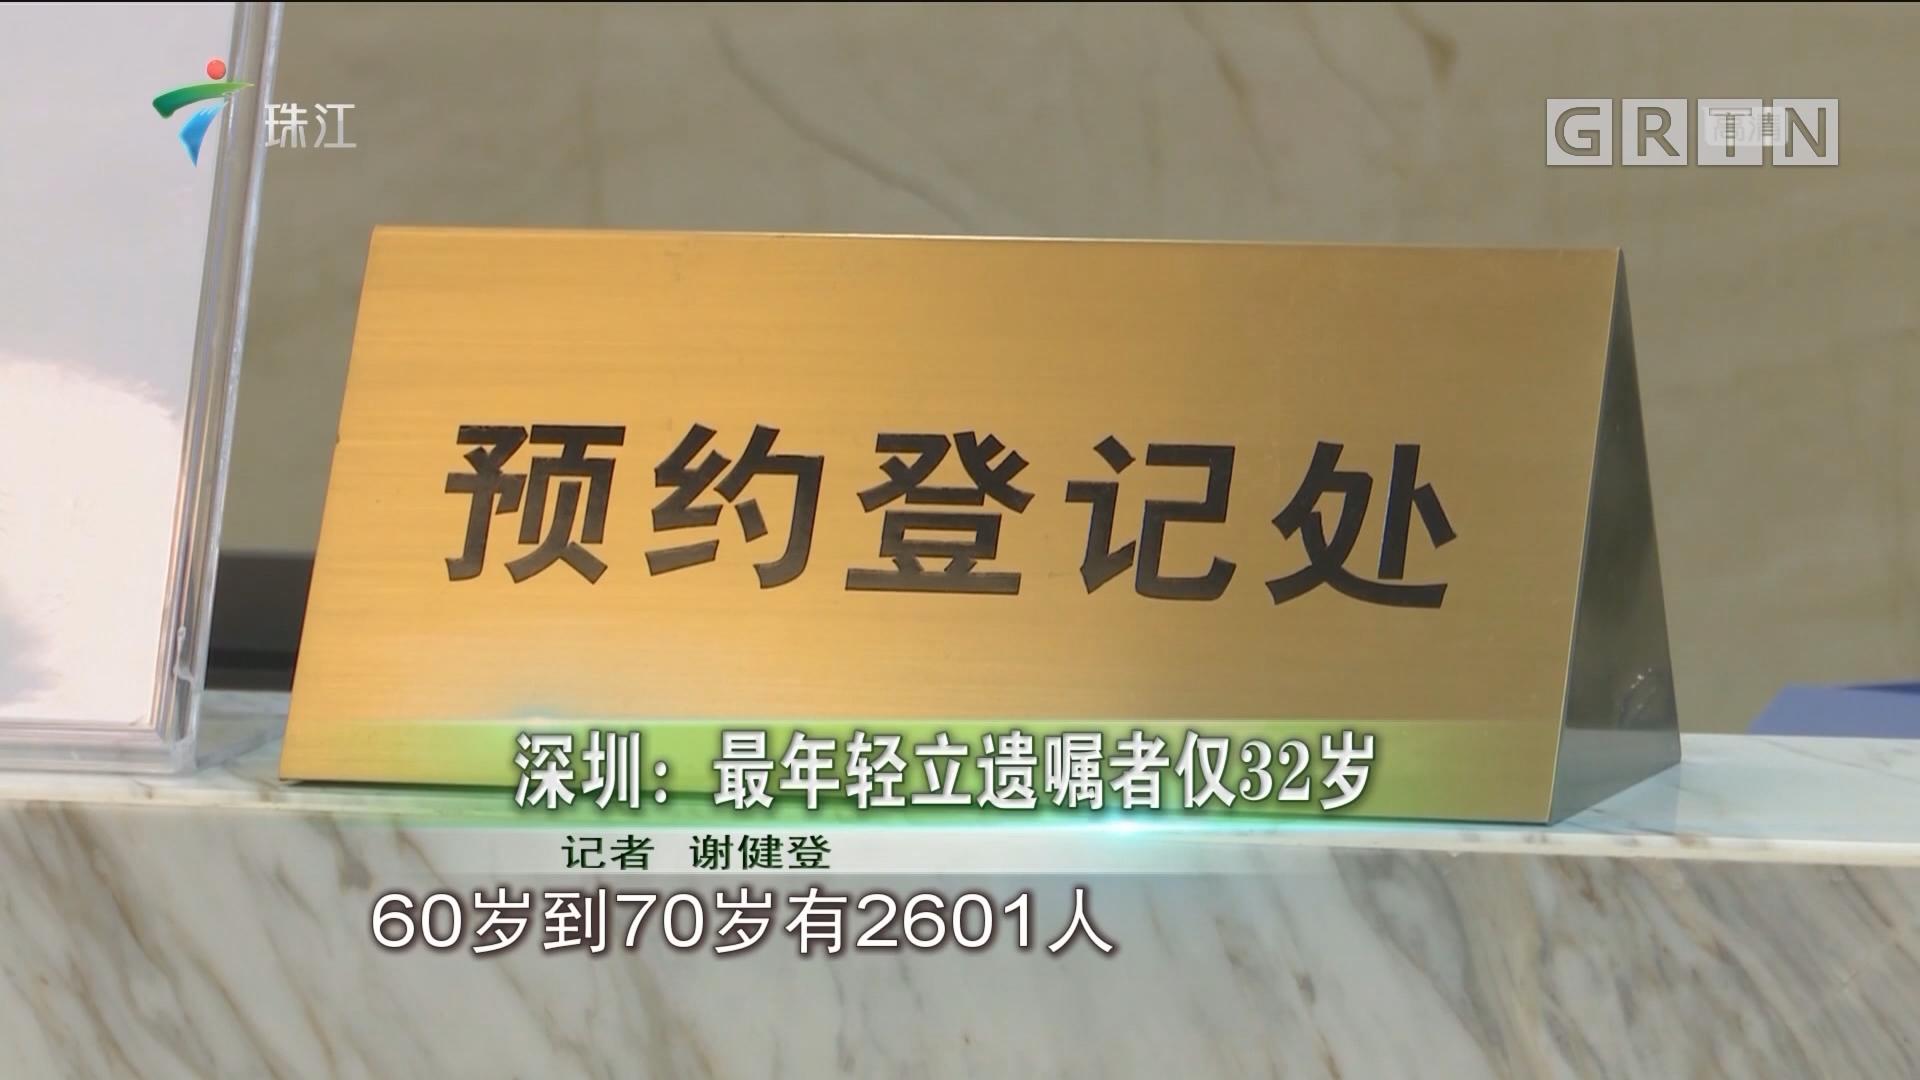 深圳:最年轻立遗嘱者仅32岁